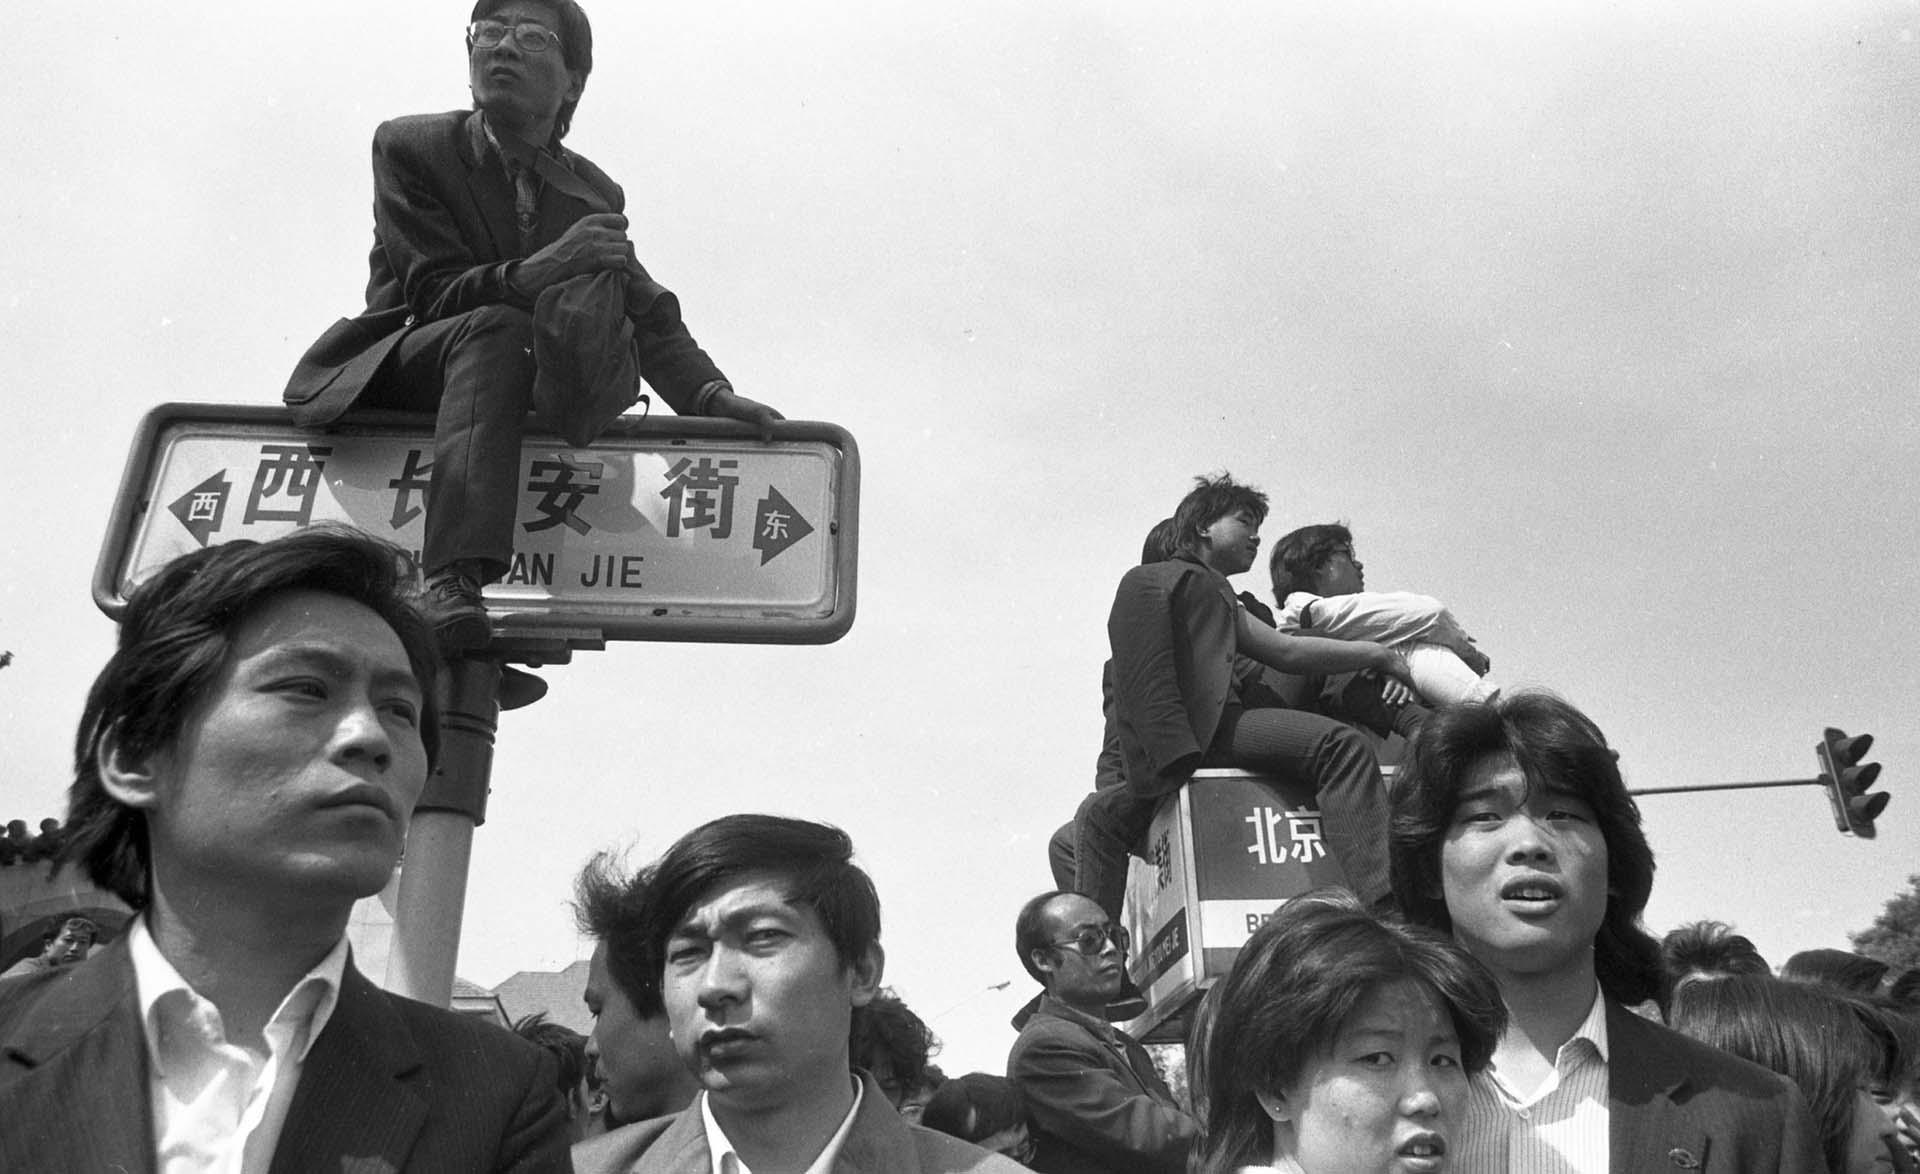 Los jóvenes estudiantes fueron los protagonistas de las protestas en Tiananmen (Jian Liu)